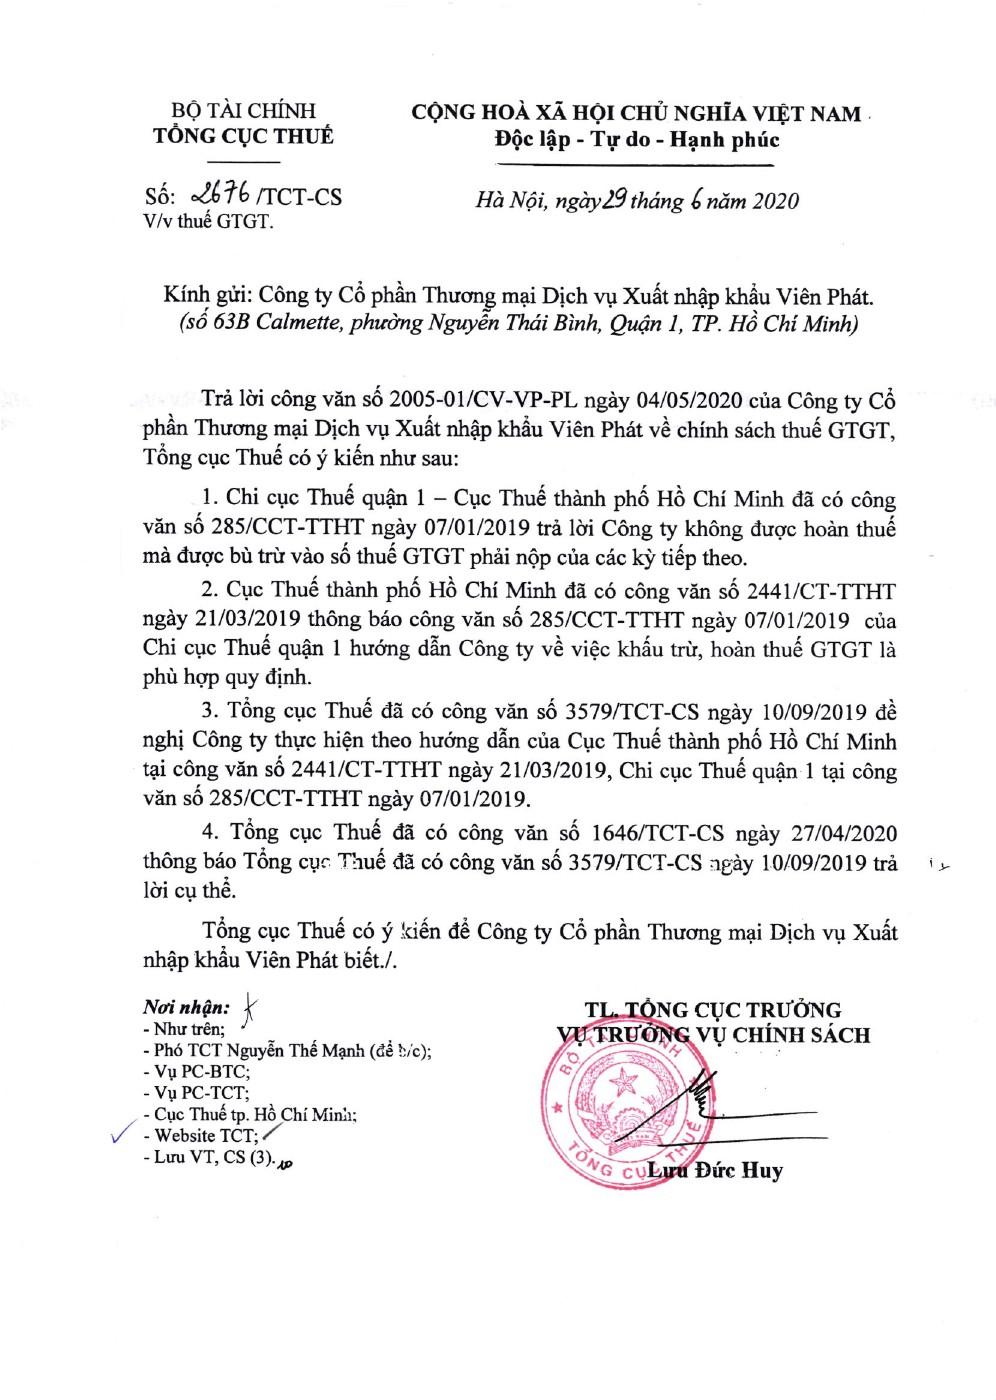 Công văn số 2676/TCT-CS của Tổng cục Thuế ngày 29/06/2020 v/v thuế GTGT